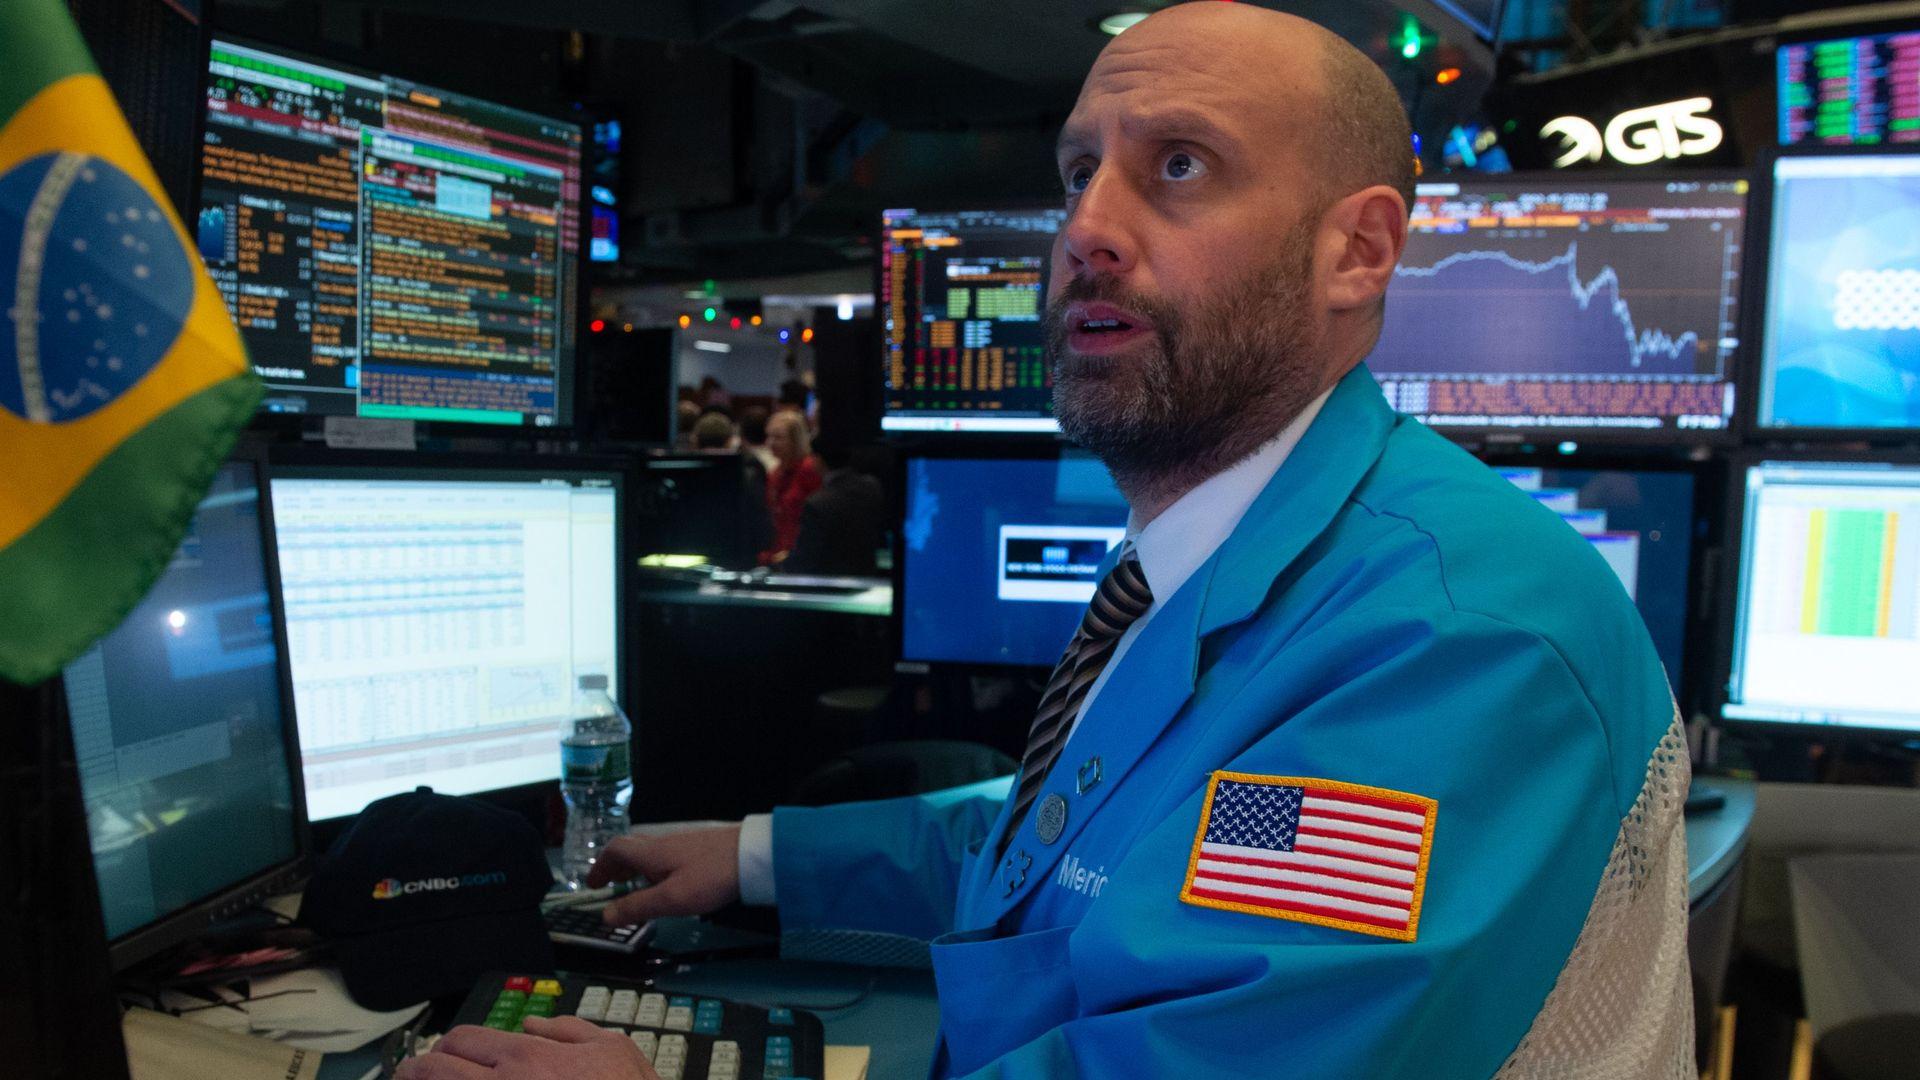 Trader looks concerned.